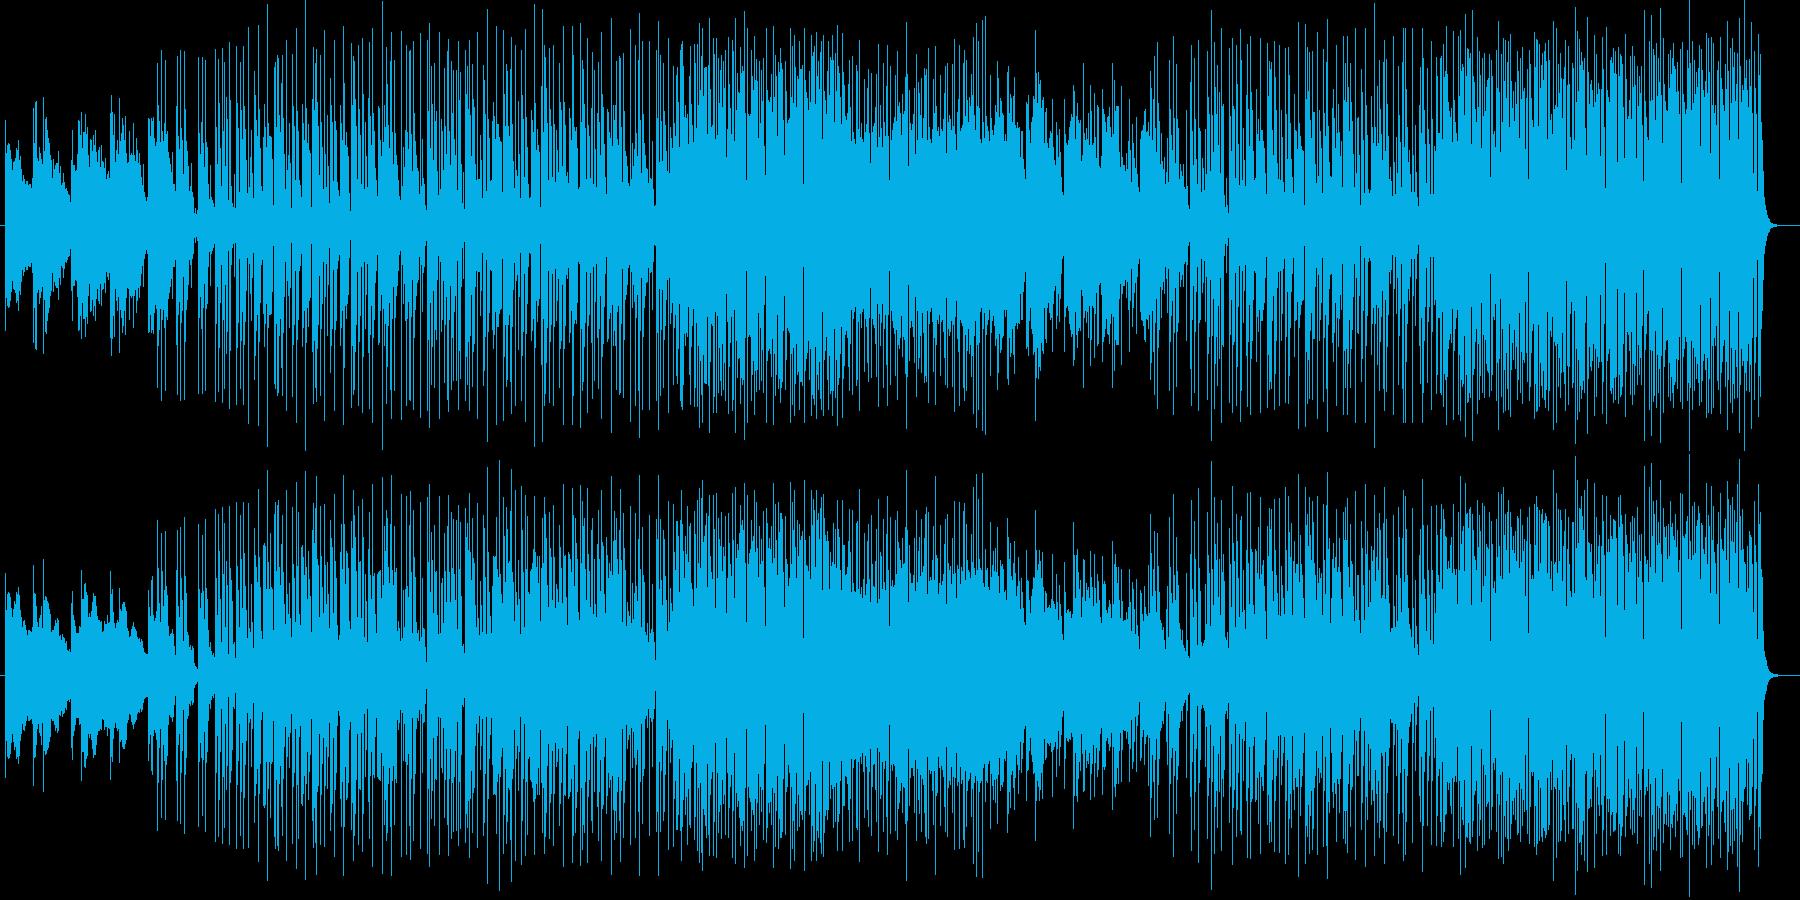 明るく爽やかシンセサイザーギターサウンドの再生済みの波形